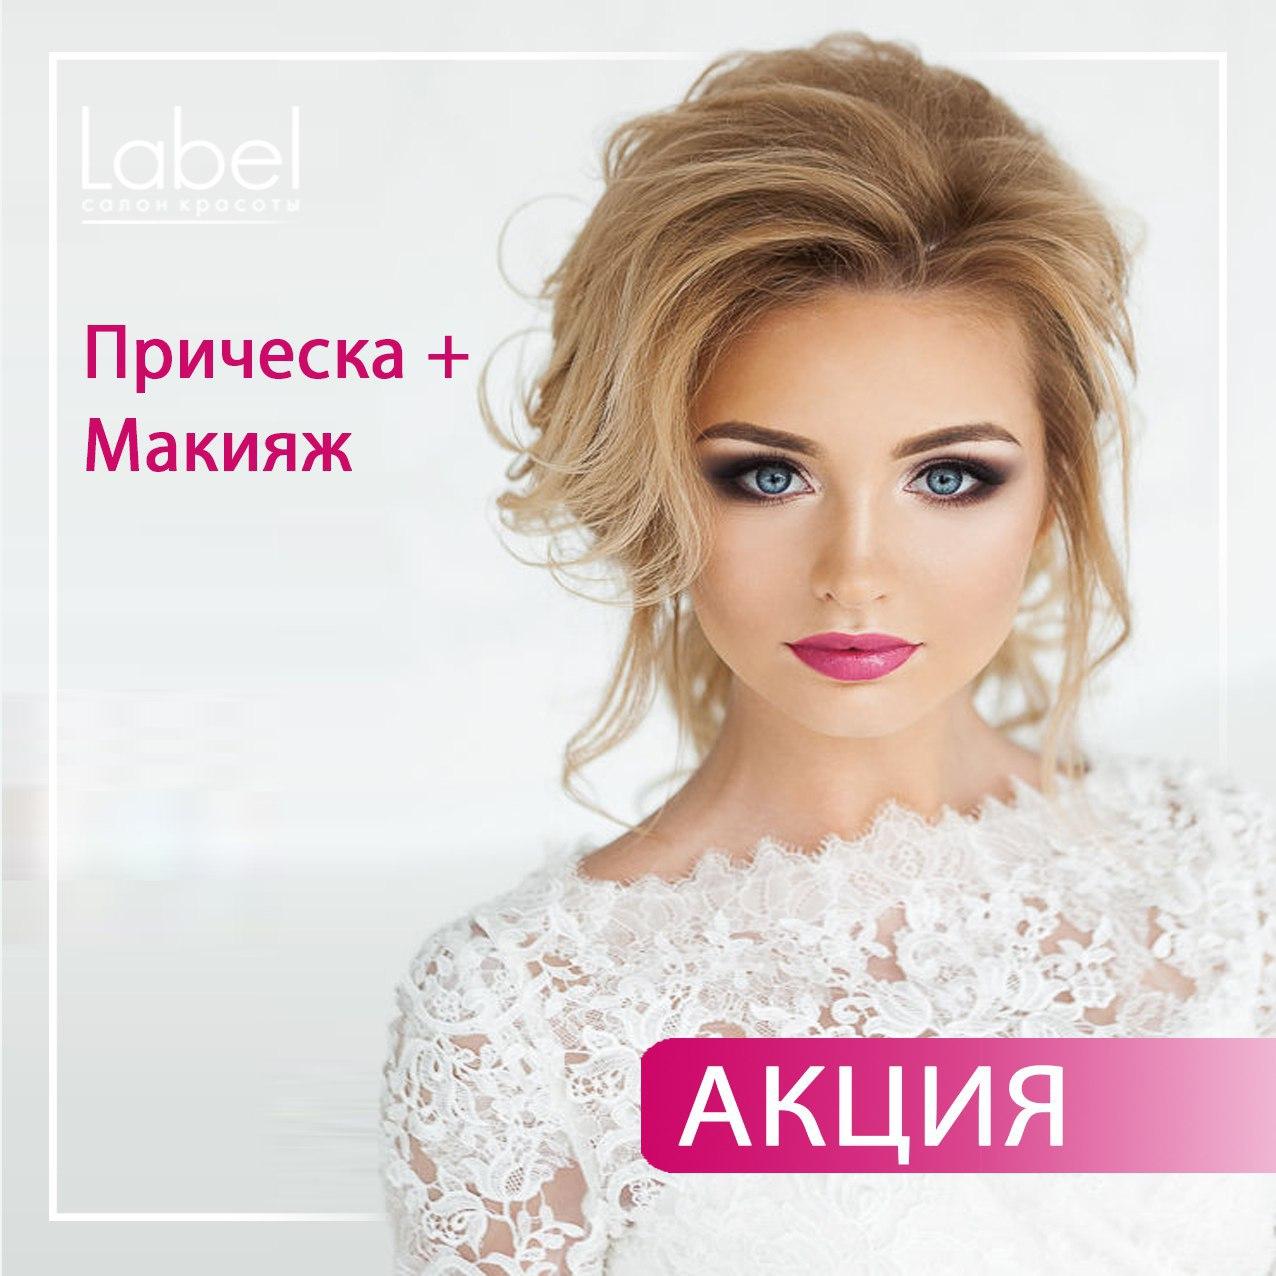 Запись на макияж картинка